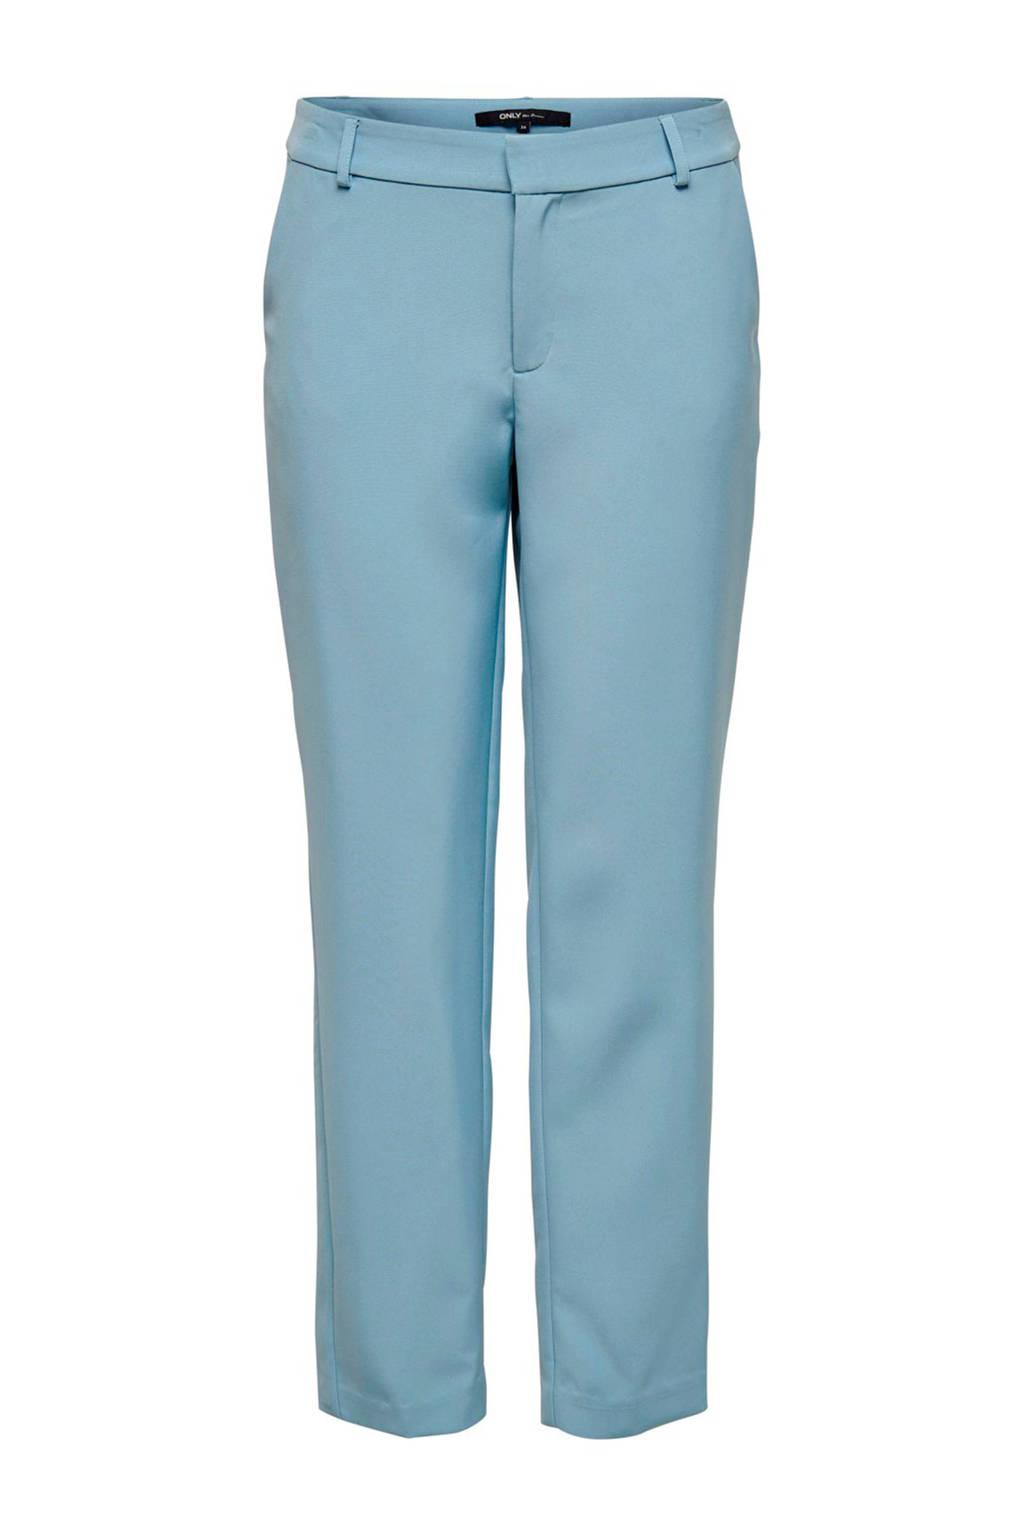 ONLY slim fit pantalon lichtblauw, Lichtblauw